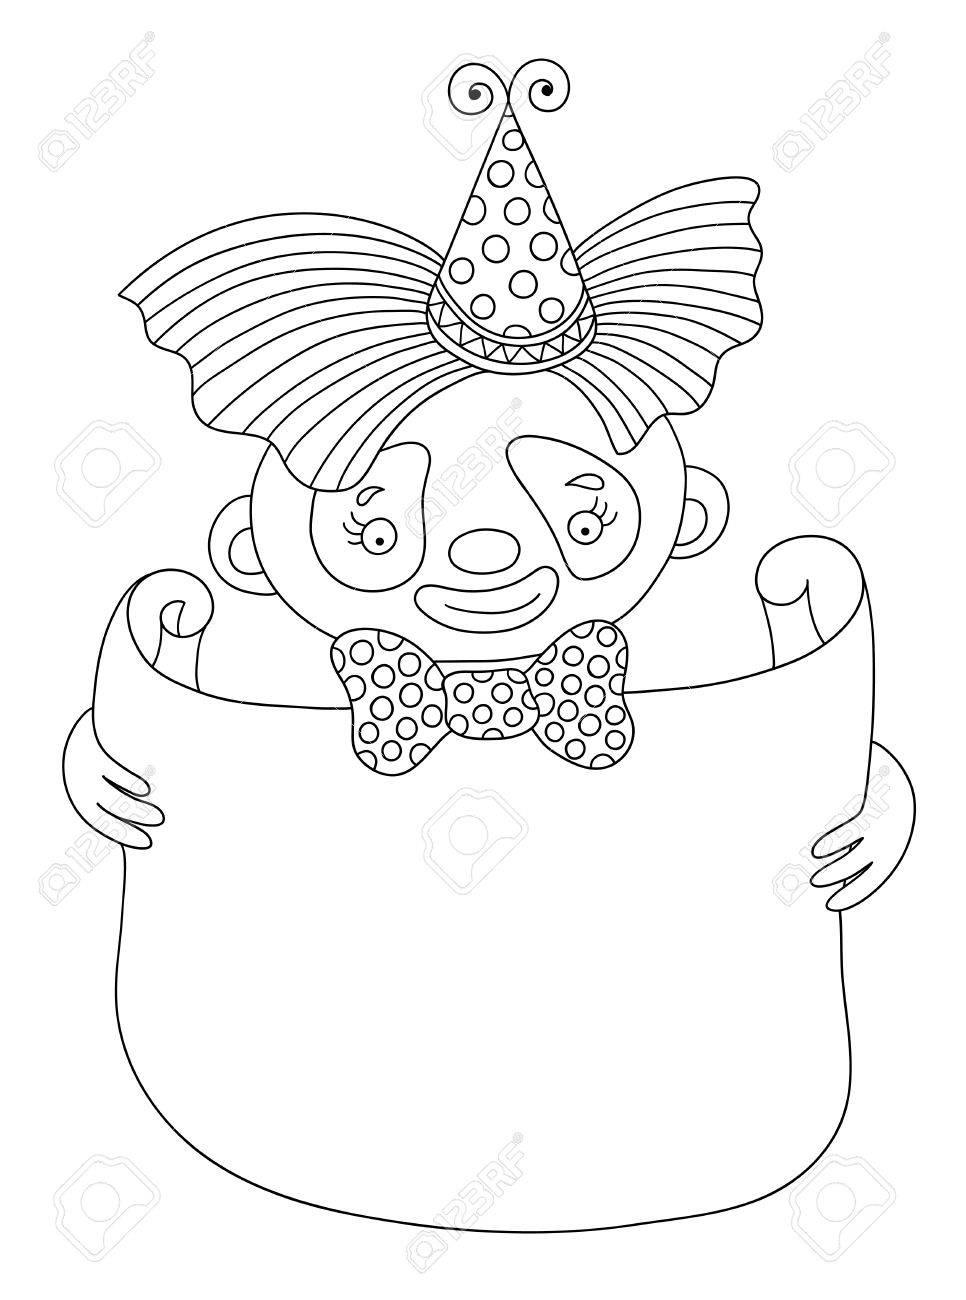 Coloriage Clown Adulte.Noir Et Blanc Art En Ligne Illustration Vectorielle De Theme Du Cirque Clown Avec Cadre Pour Votre Texte Vous Pouvez Utiliser Comme Livre De